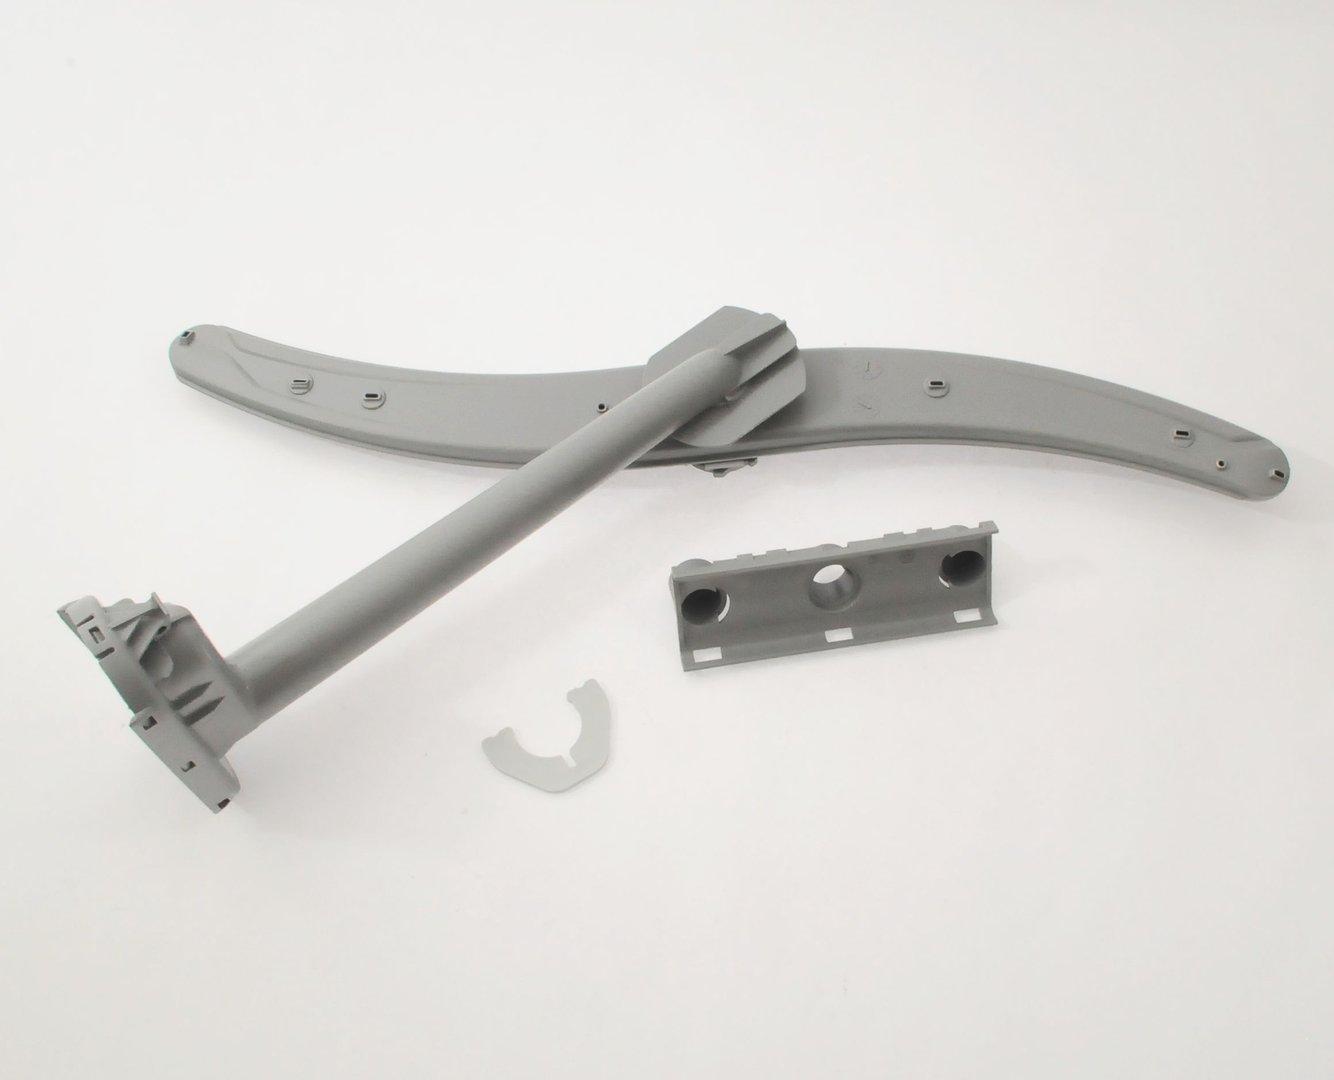 Bosch Kühlschrank Baujahr Herausfinden : Neff geschirrspüler wo typenschild: scharnier kühlschranktür